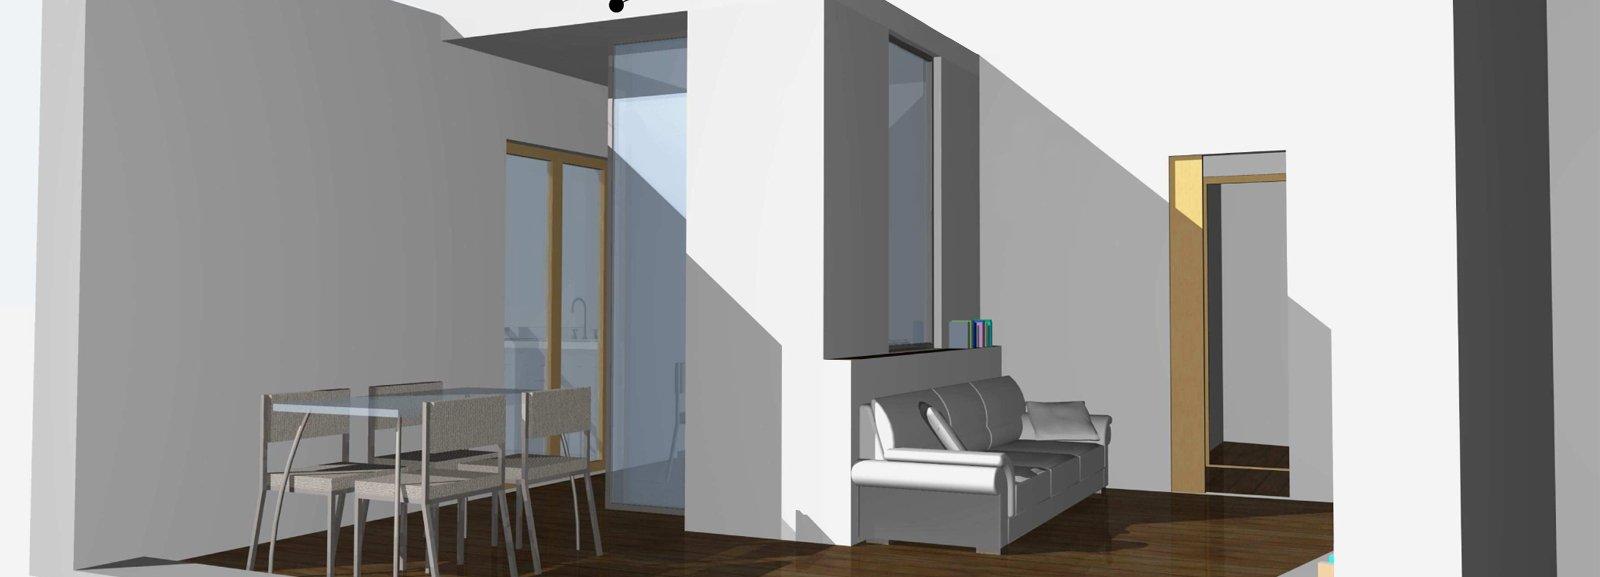 Come dividere il soggiorno dall 39 angolo cottura cose di casa for Soggiorno angolo cottura